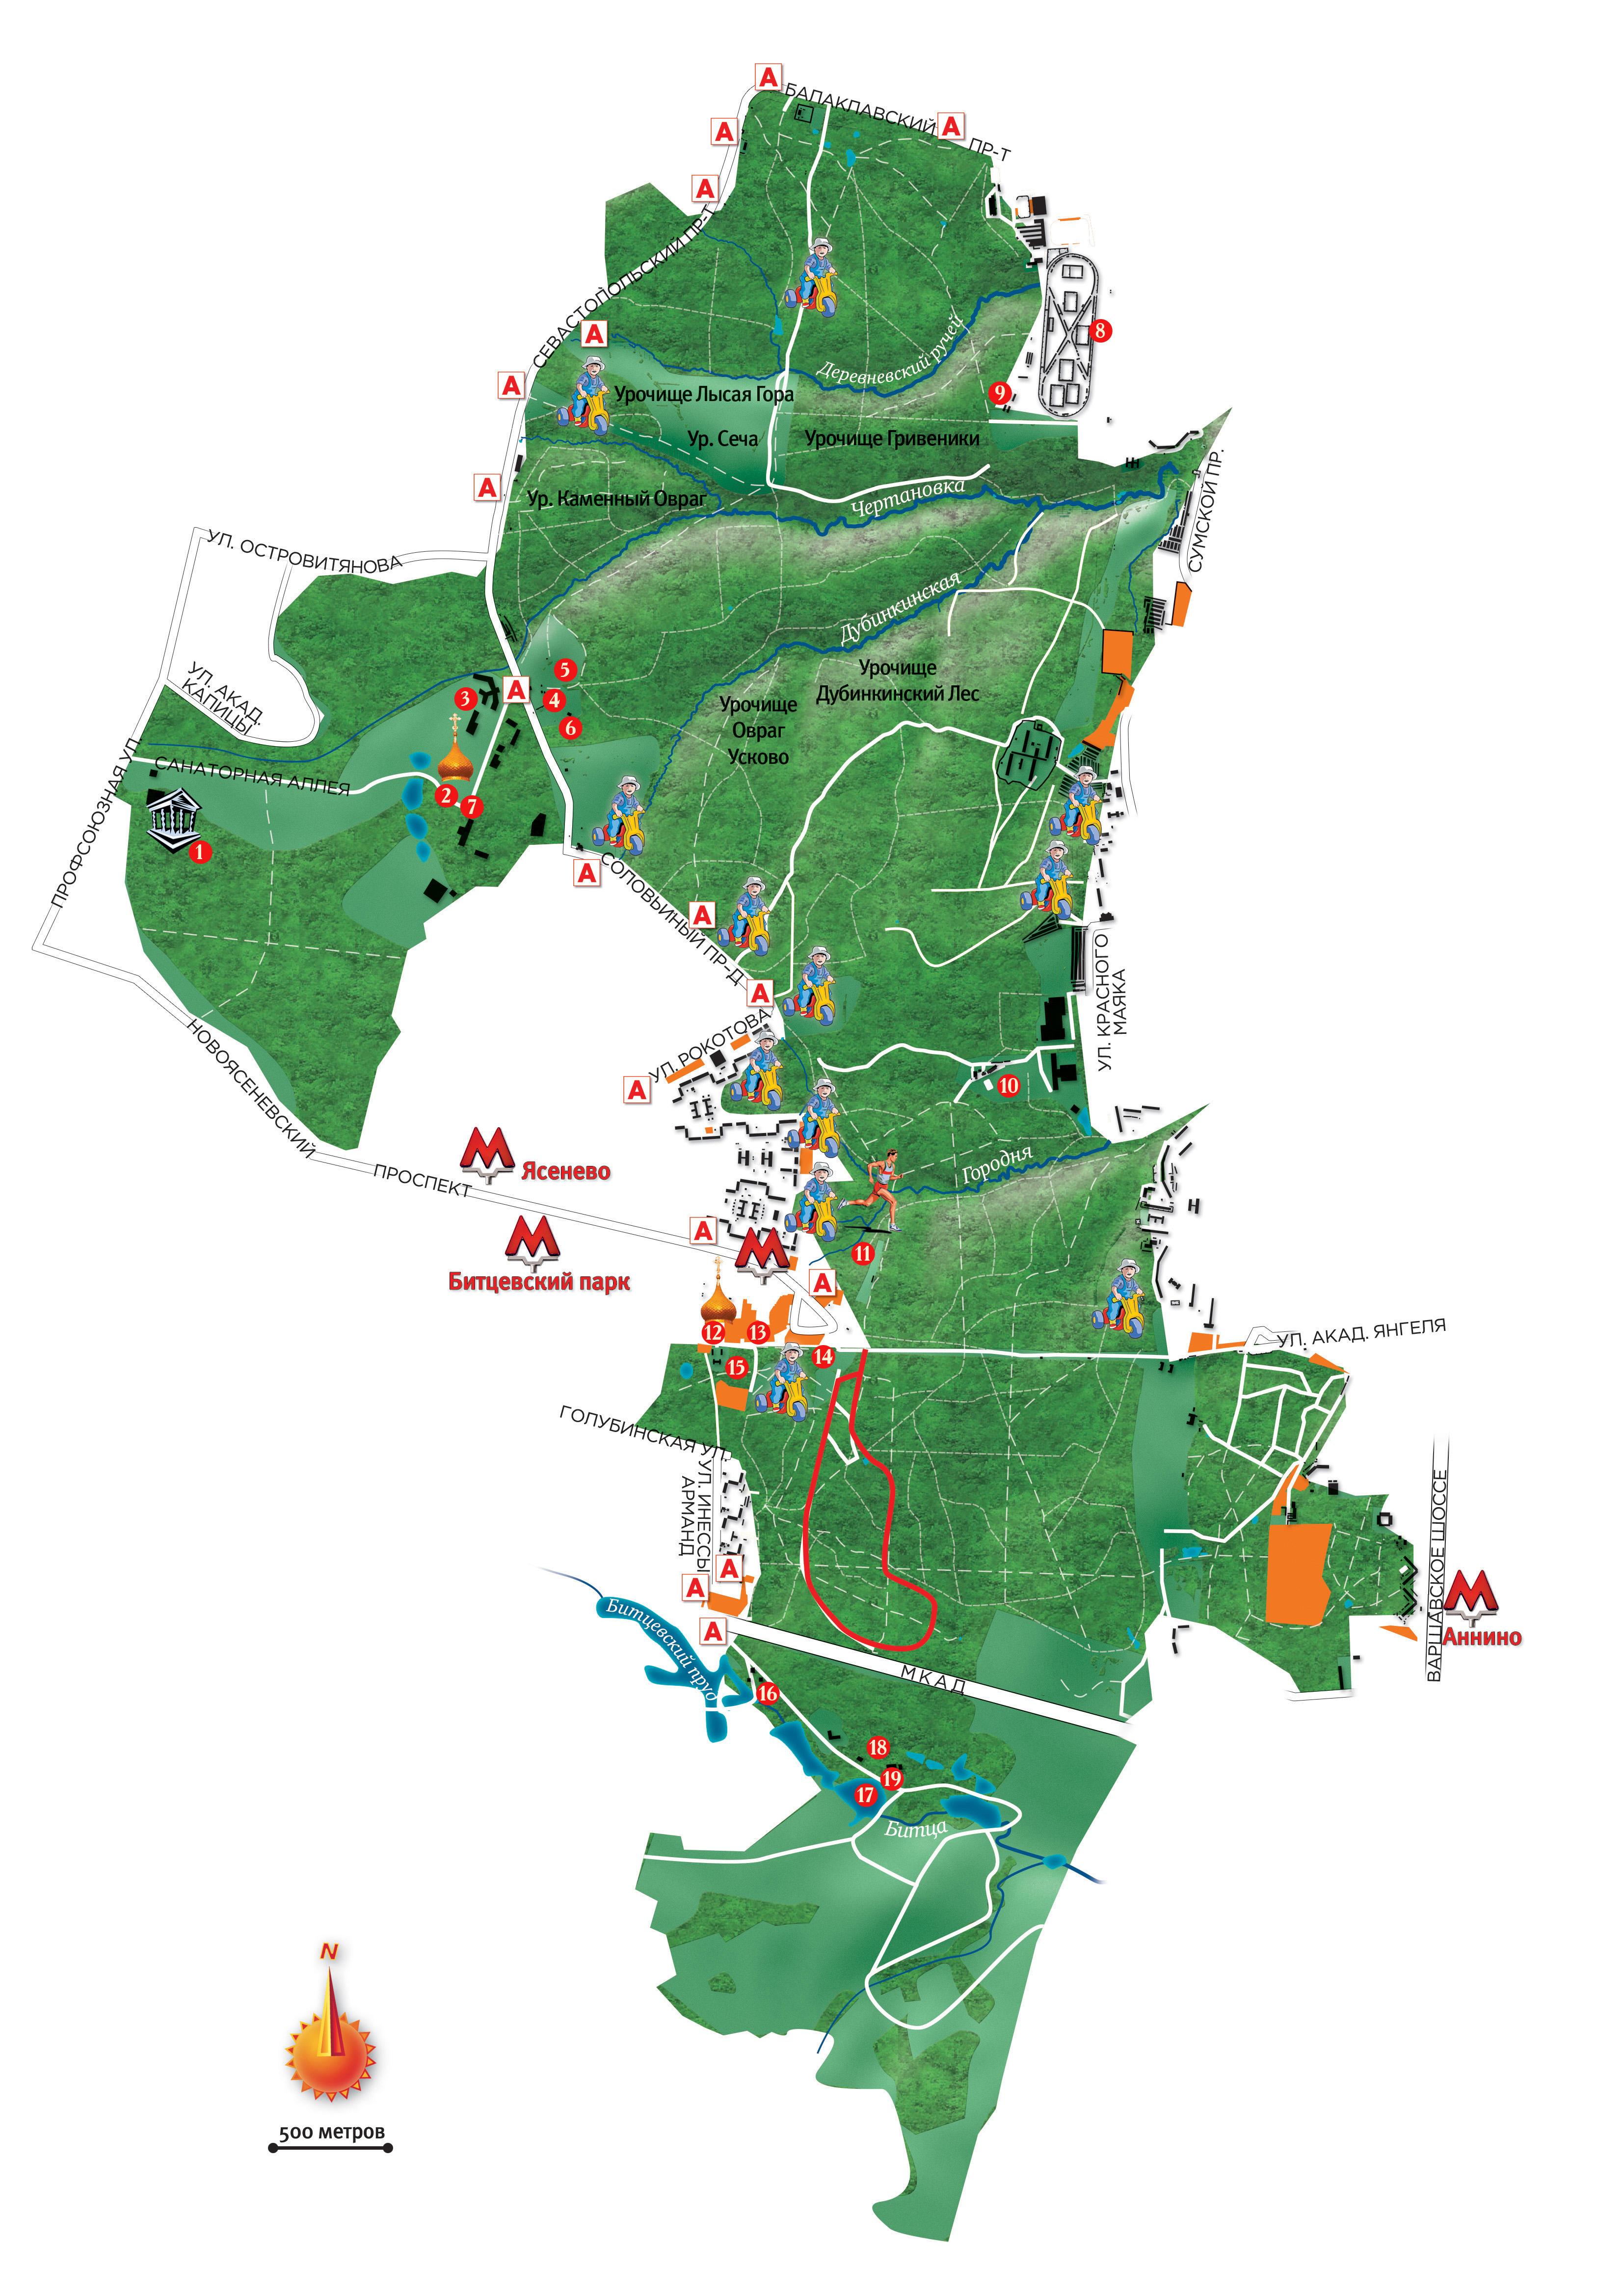 карта цветная.jpg